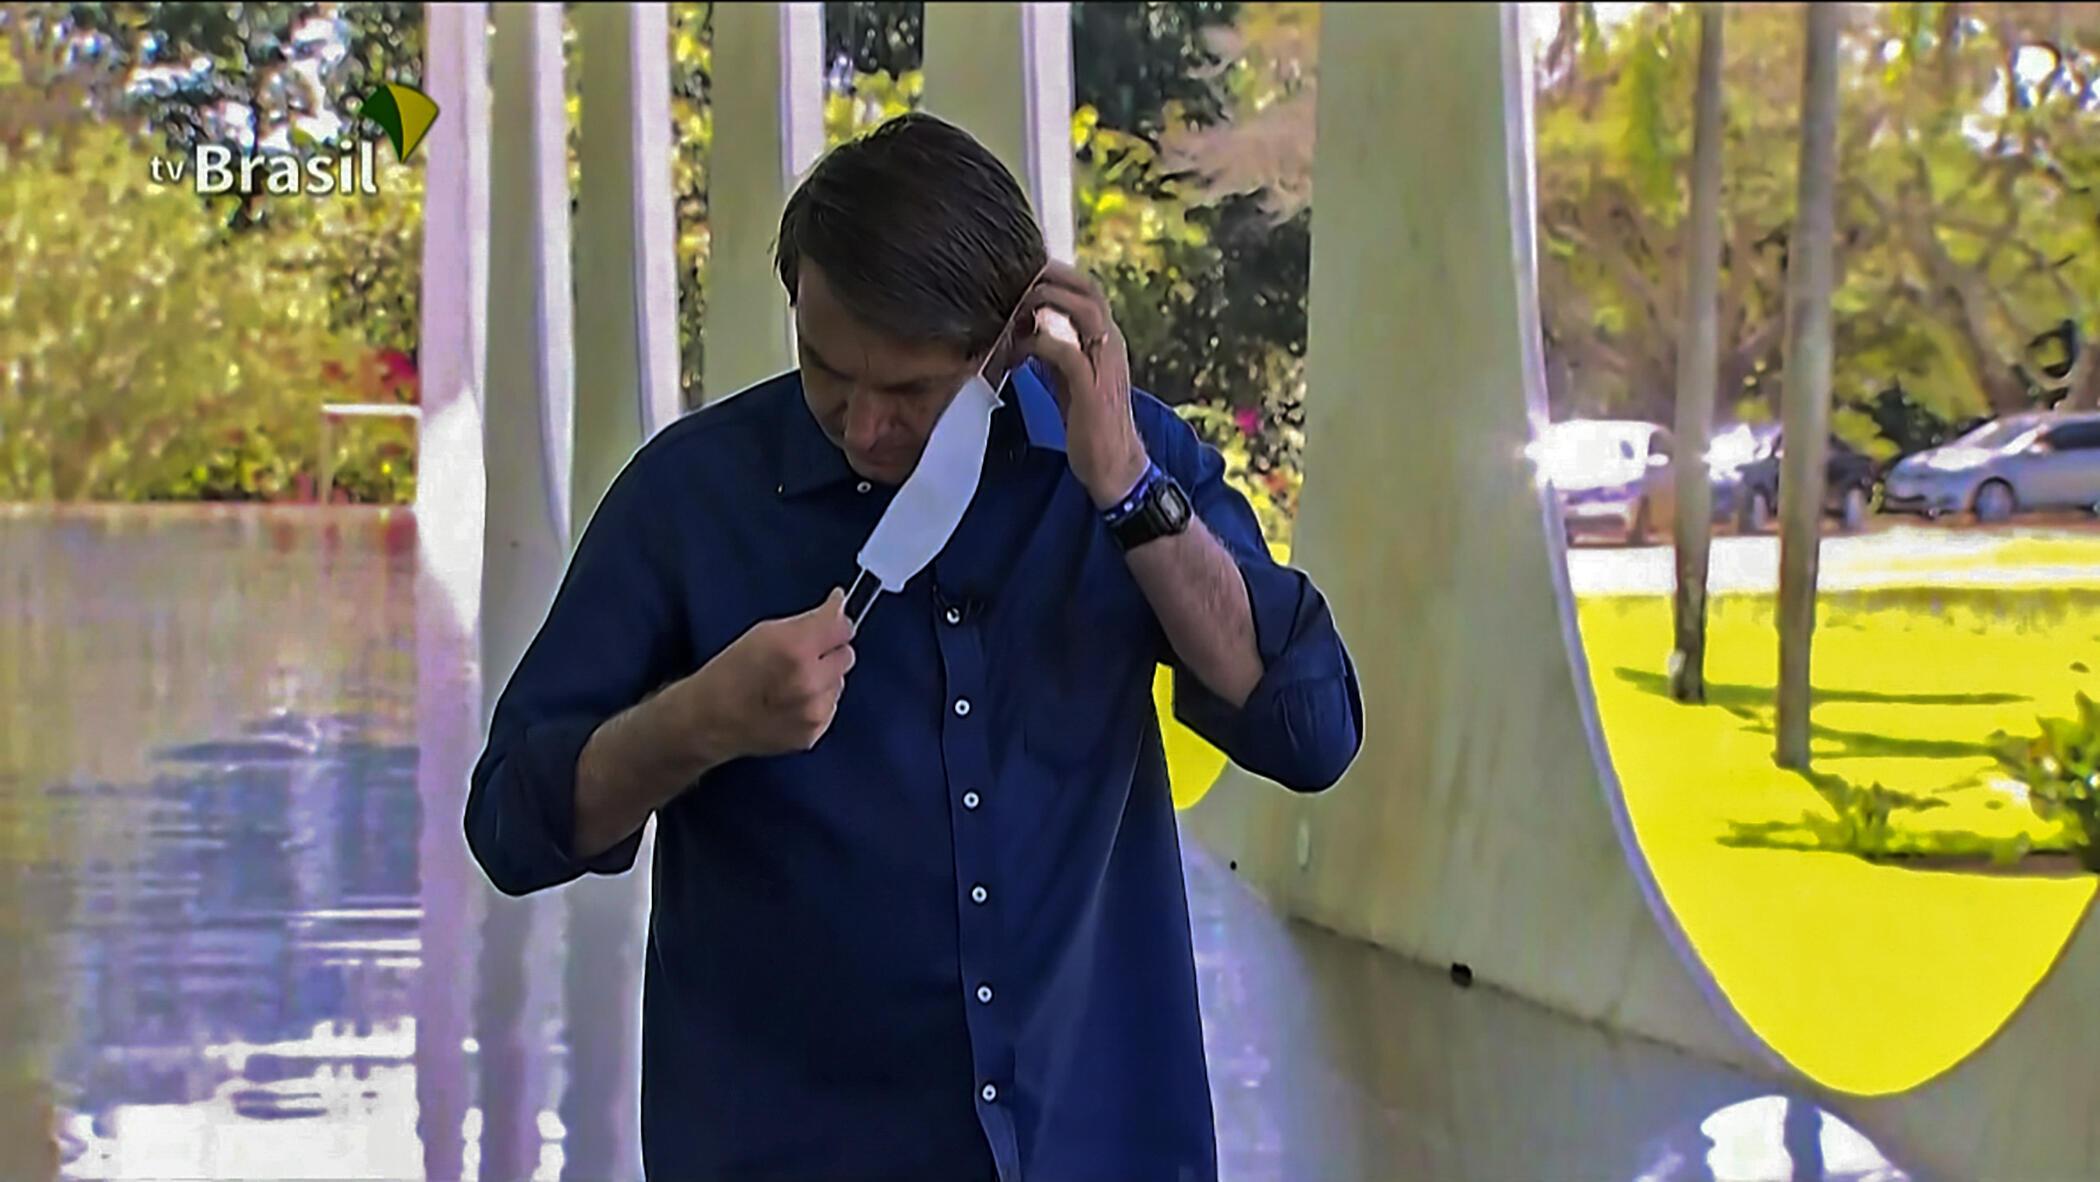 captura de video de una rueda de prensa del presidente brasileño Jair Bolsonaro, frente al Palacio Presidencial, en Brasilia, el 7 de julio de 2020.